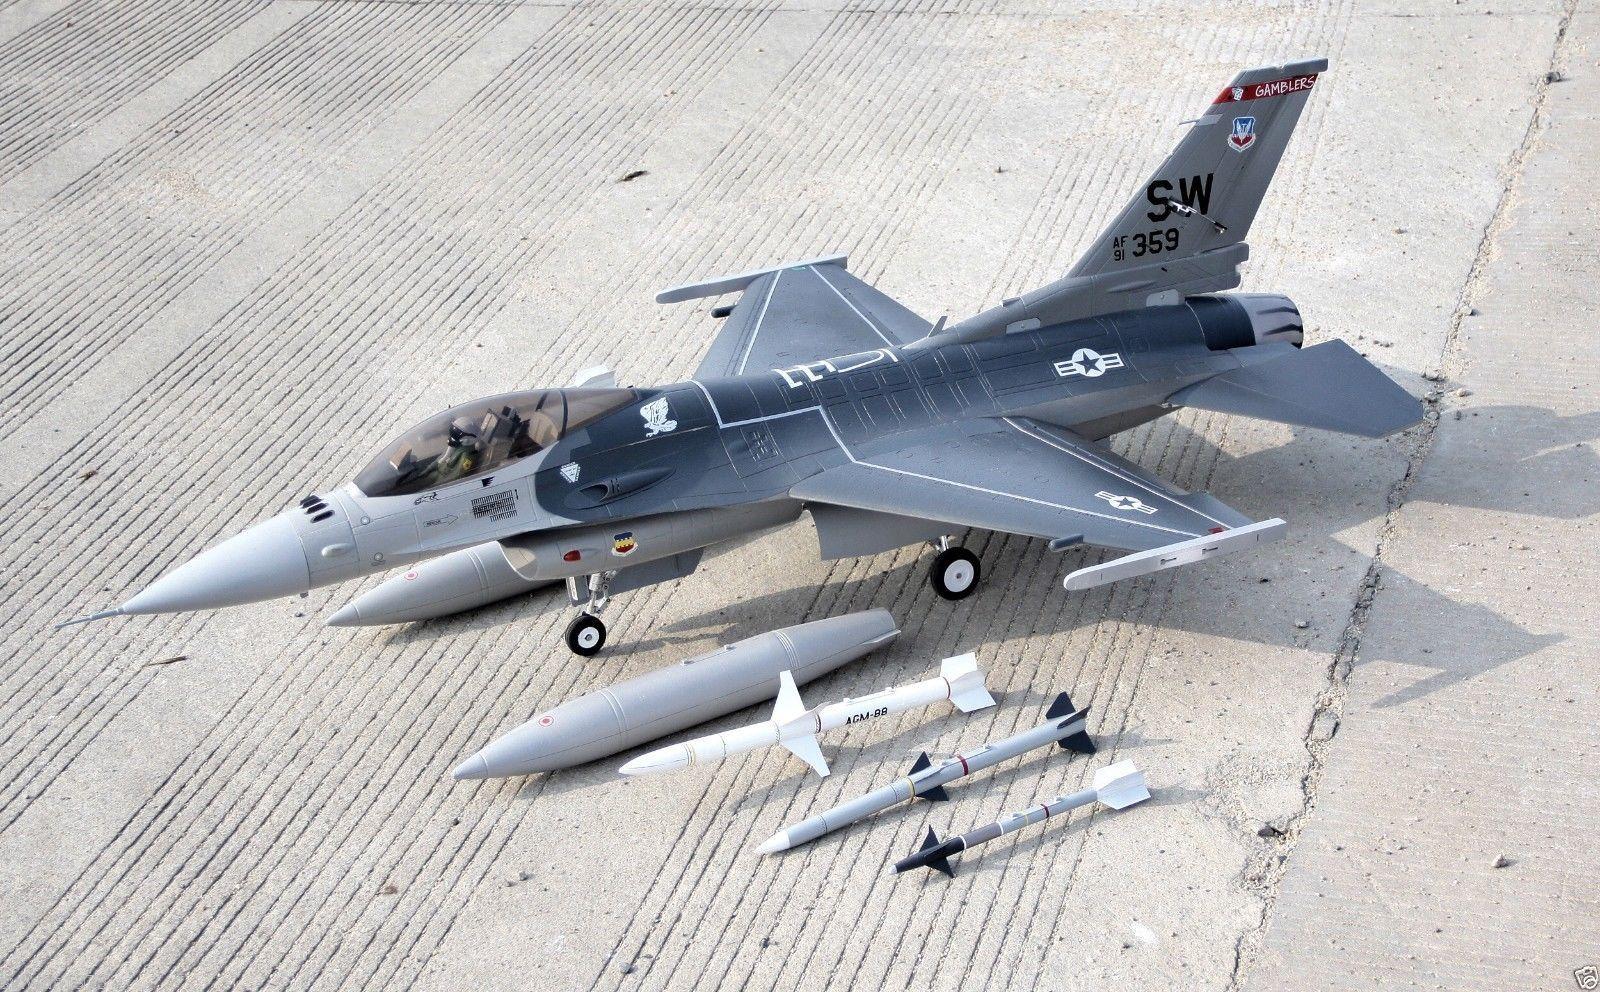 gratuitoWING 1522mm F-16 90mm 12 Blades Metal Housing  EDF Unit PNP Version EPO NIB  scelte con prezzo basso